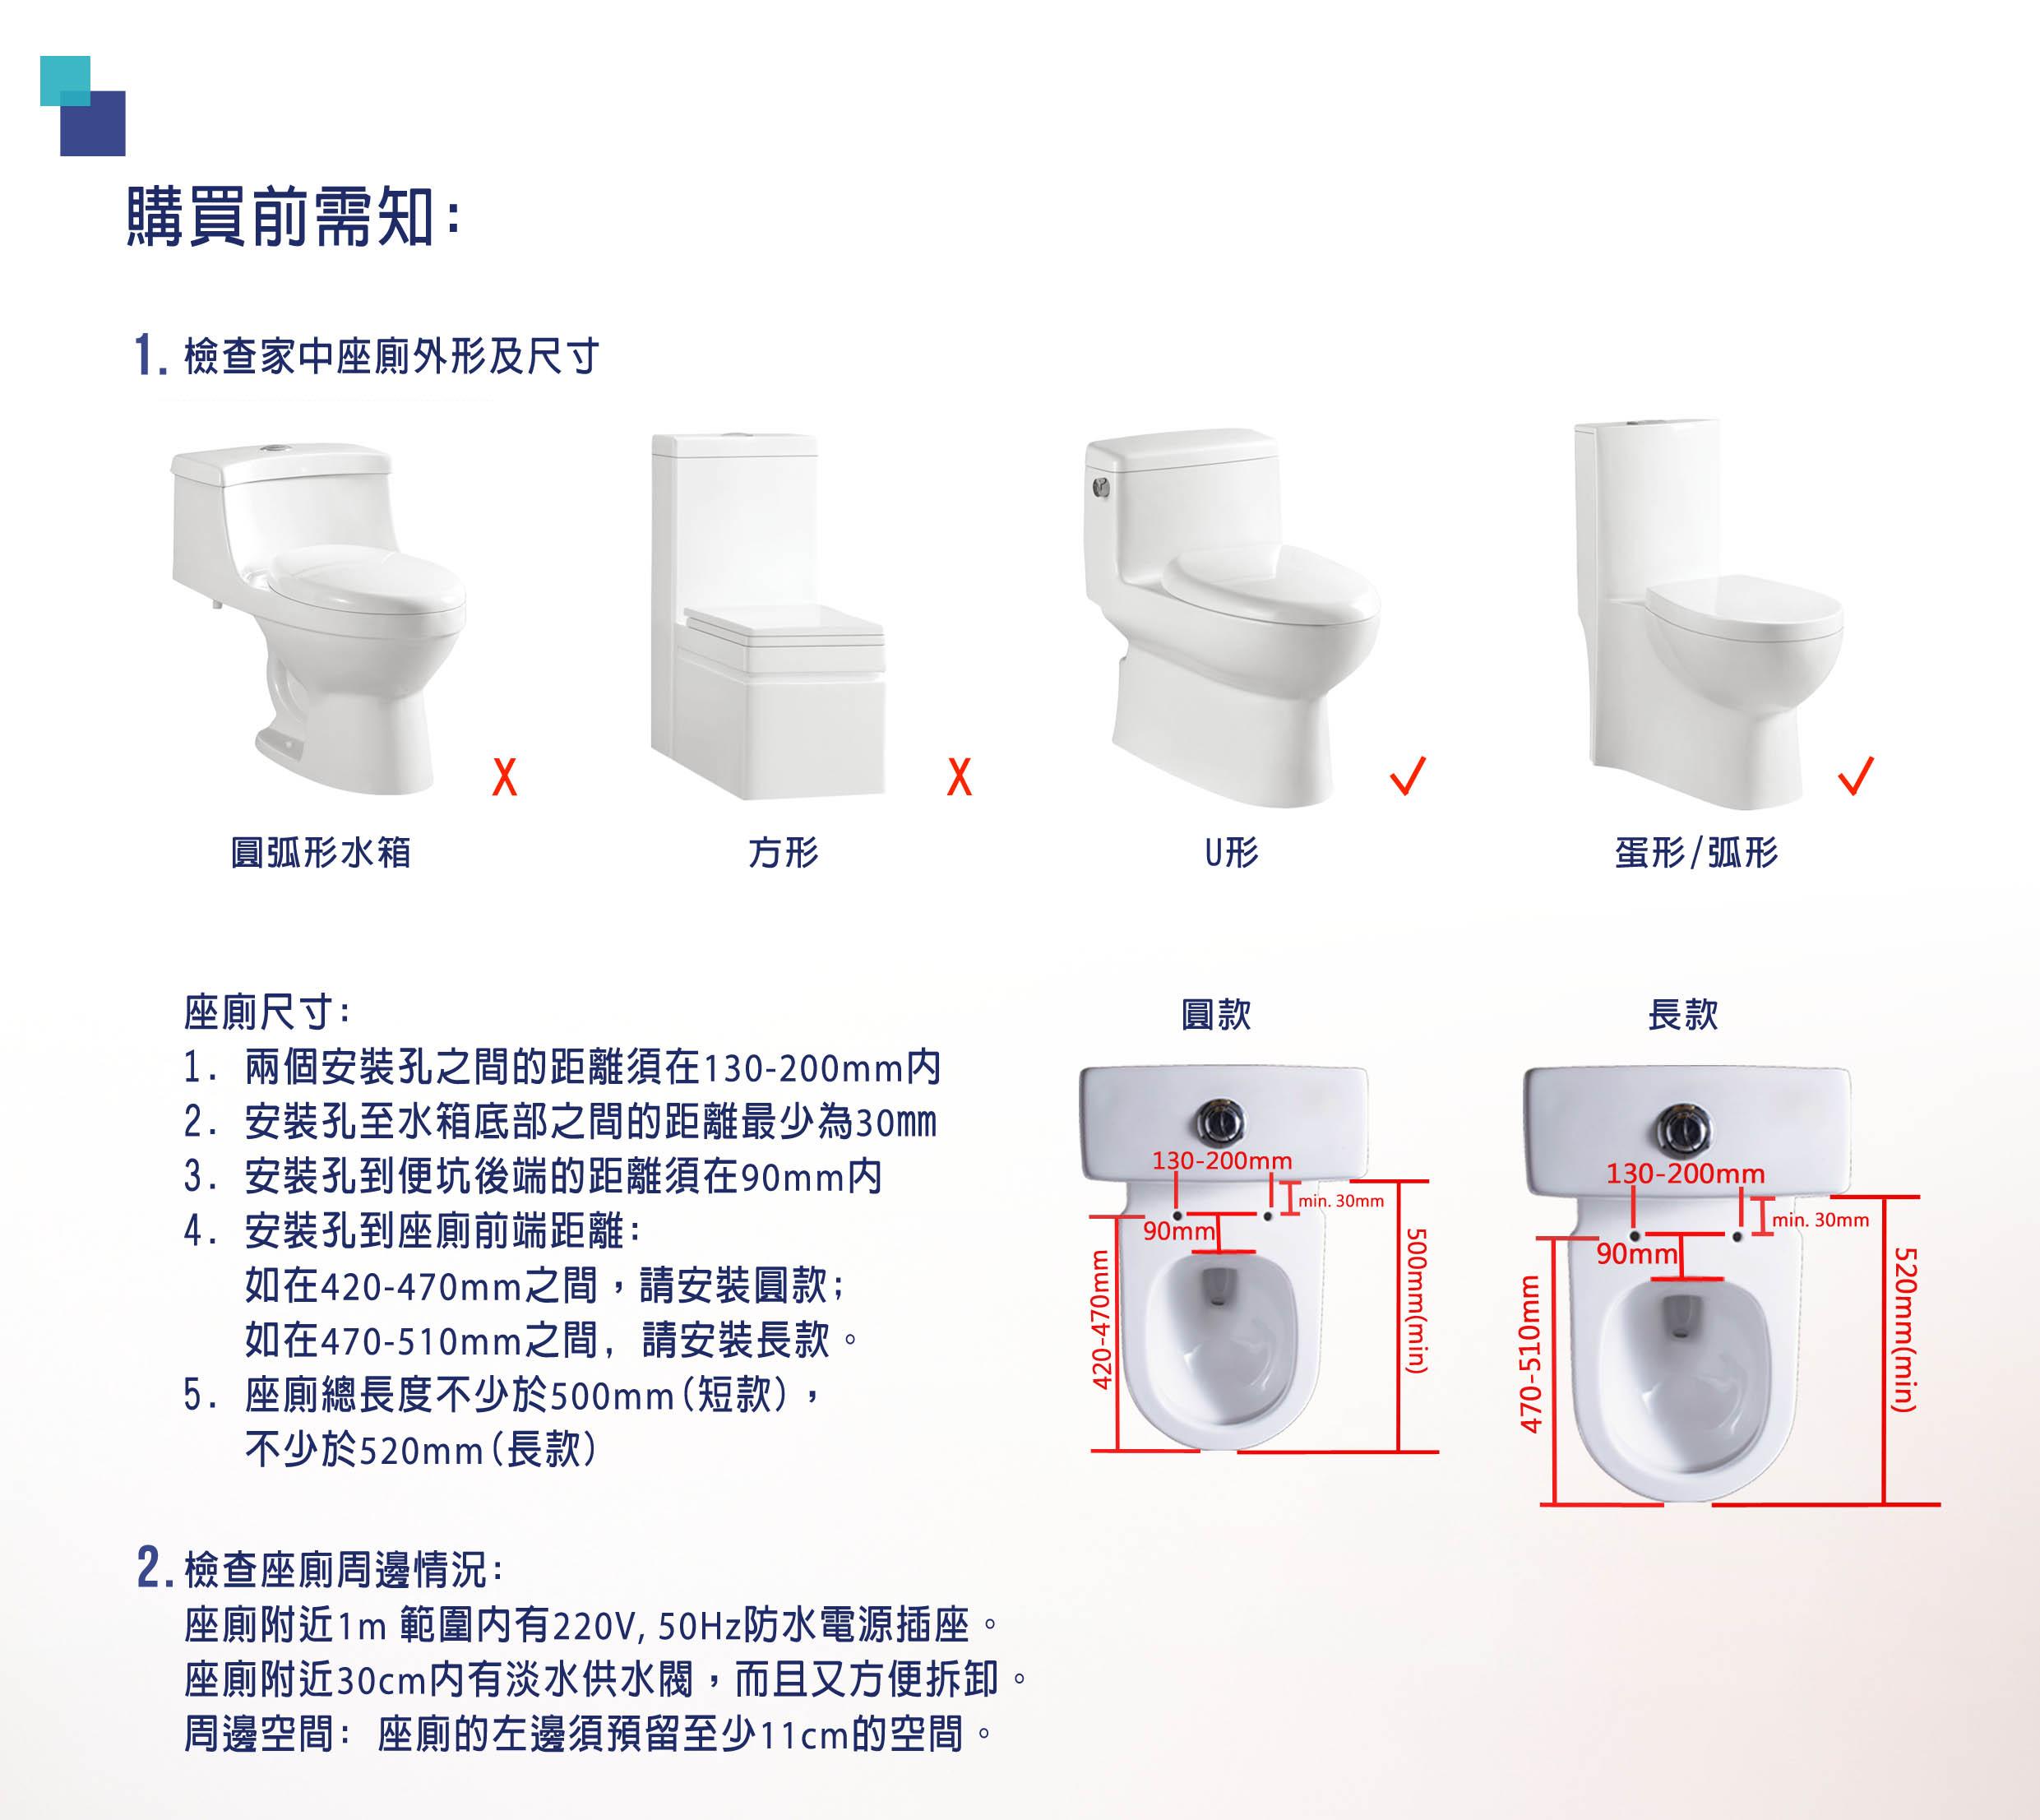 韓國智能廁板